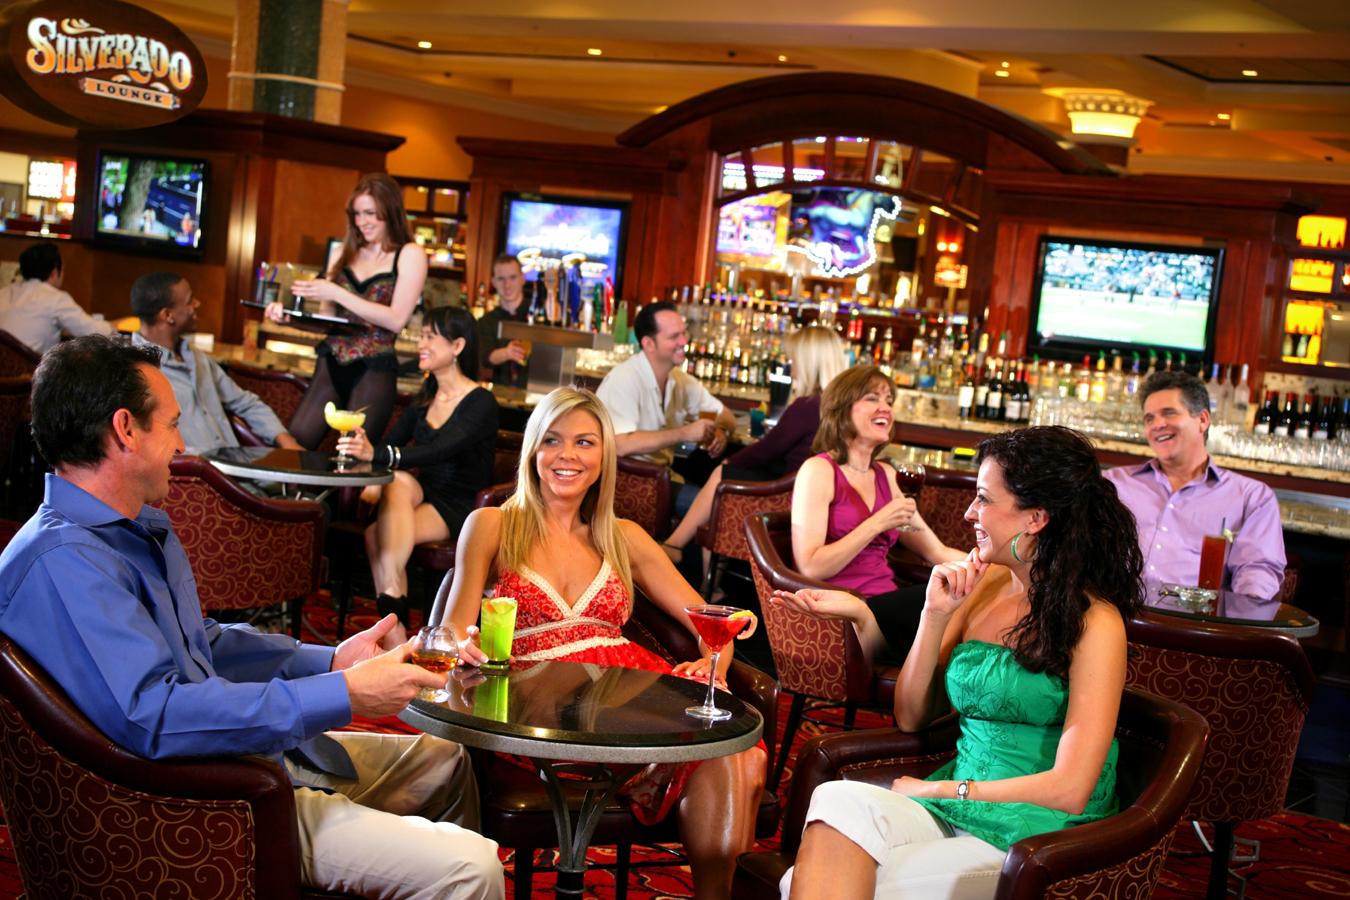 Silverado Ranch Hotel Las Vegas